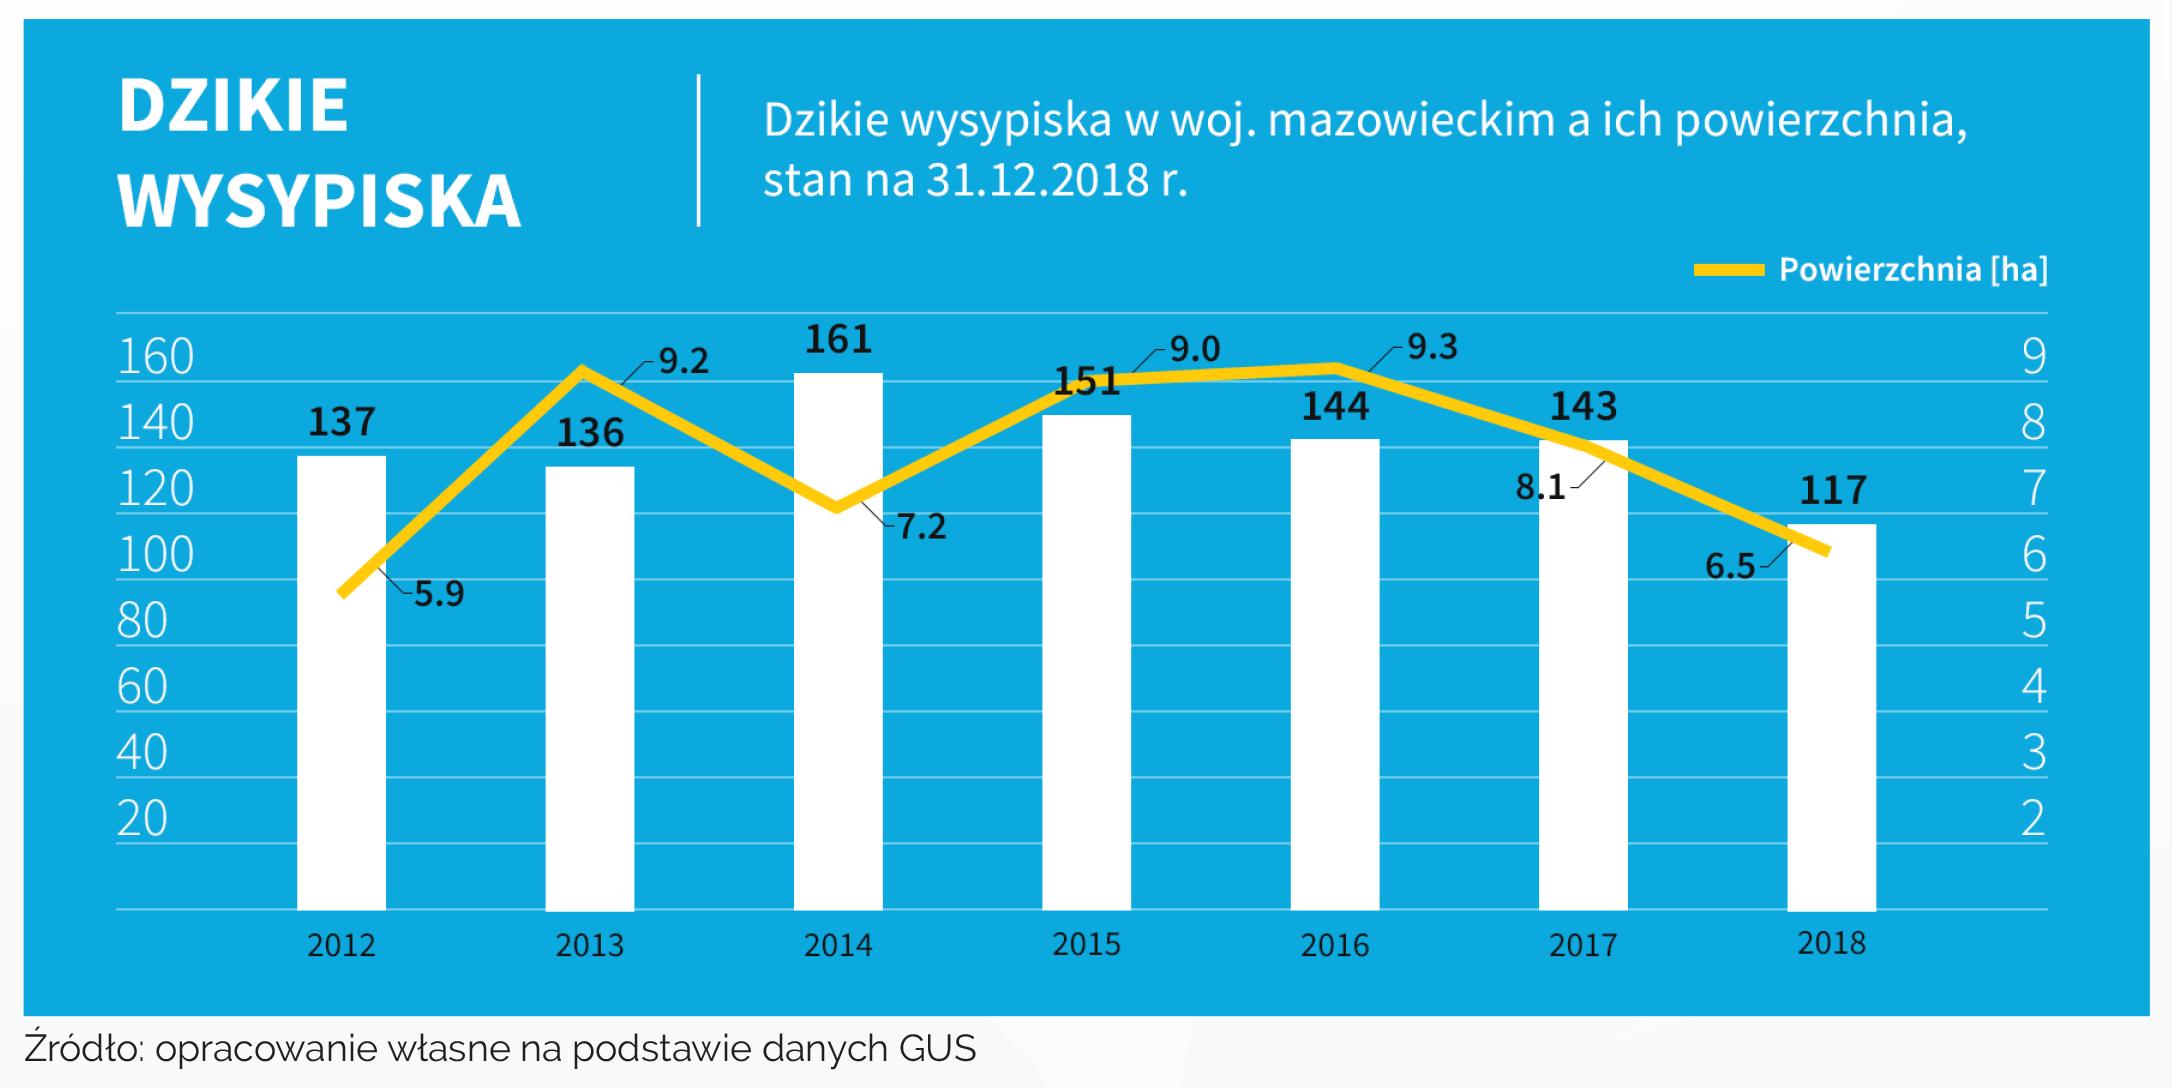 Dzikie wysypiska - stan na koniec roku (bez likwidowanych w ciągu roku) Źródło: Warszawskie Forum Samorządowe